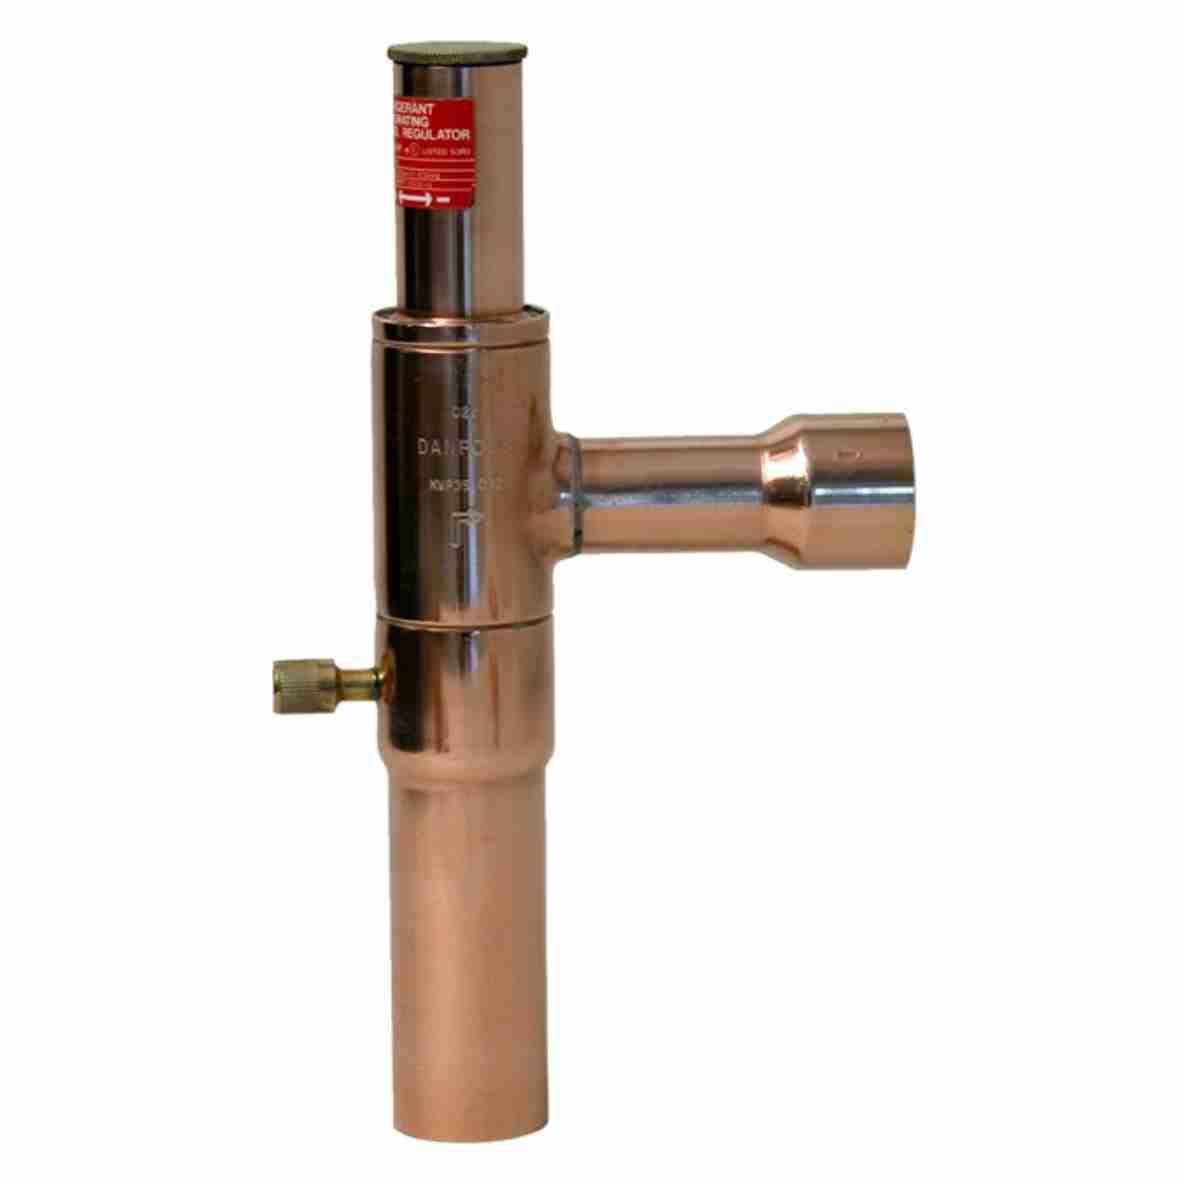 Válvula reguladora de pressão evaporador Danfoss KVP12 1/2 Solda